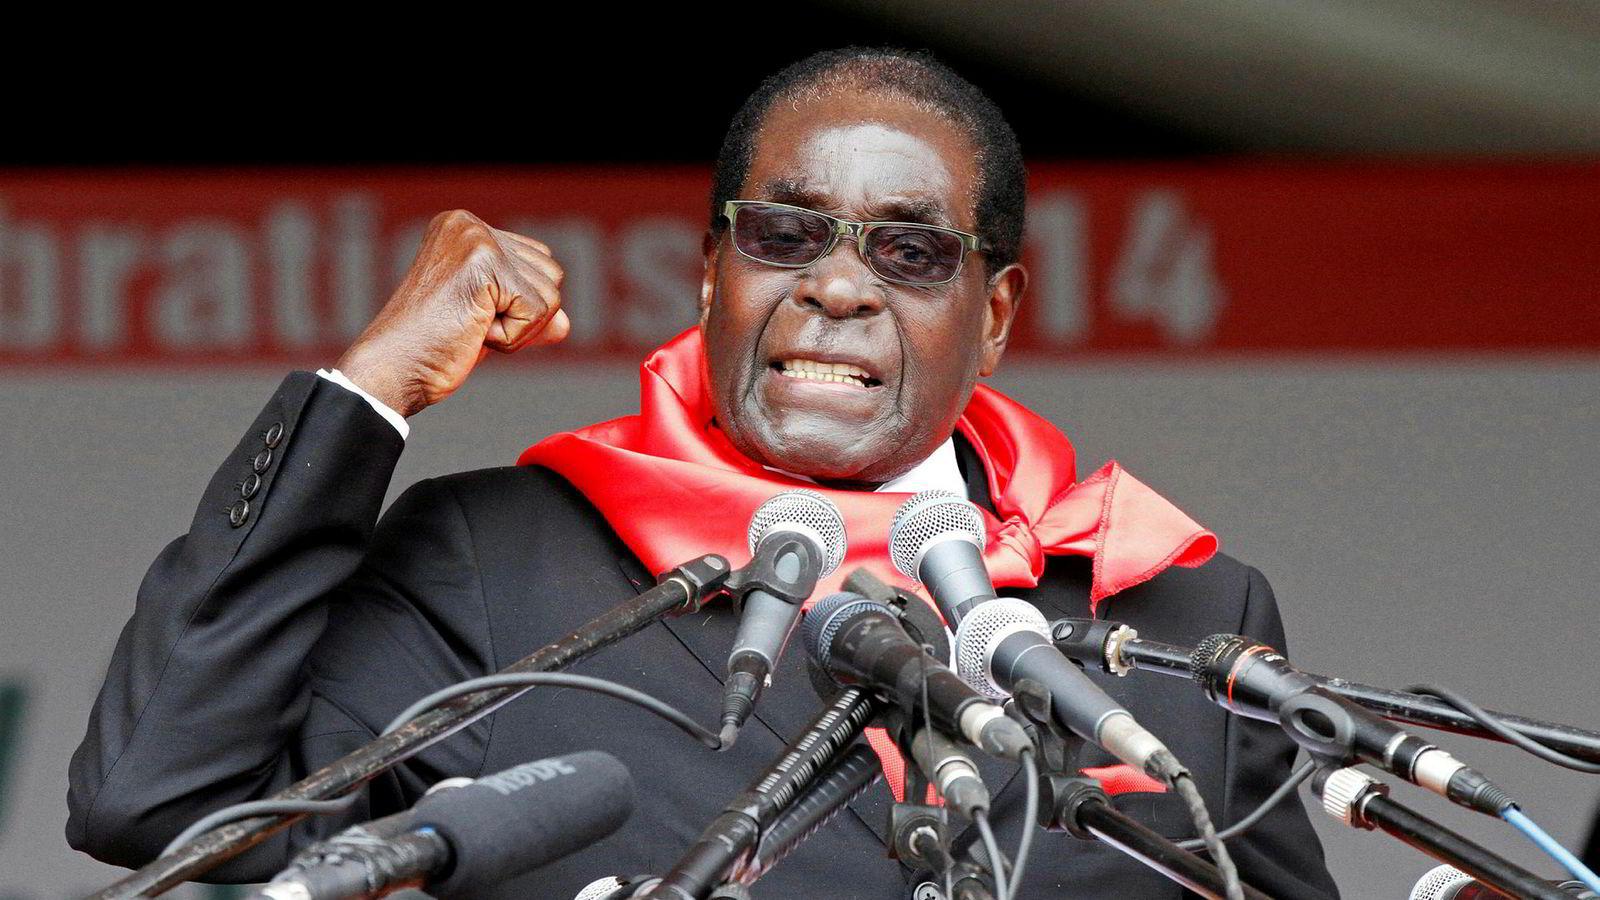 Zimbabwes tidligere president, nå avdøde Robert Mugabe var i konstant konflikt med vestlige land. Ettermælet blir ikke godt. Her fra markeringen av hans 90-årsdag 23. februar 2014.